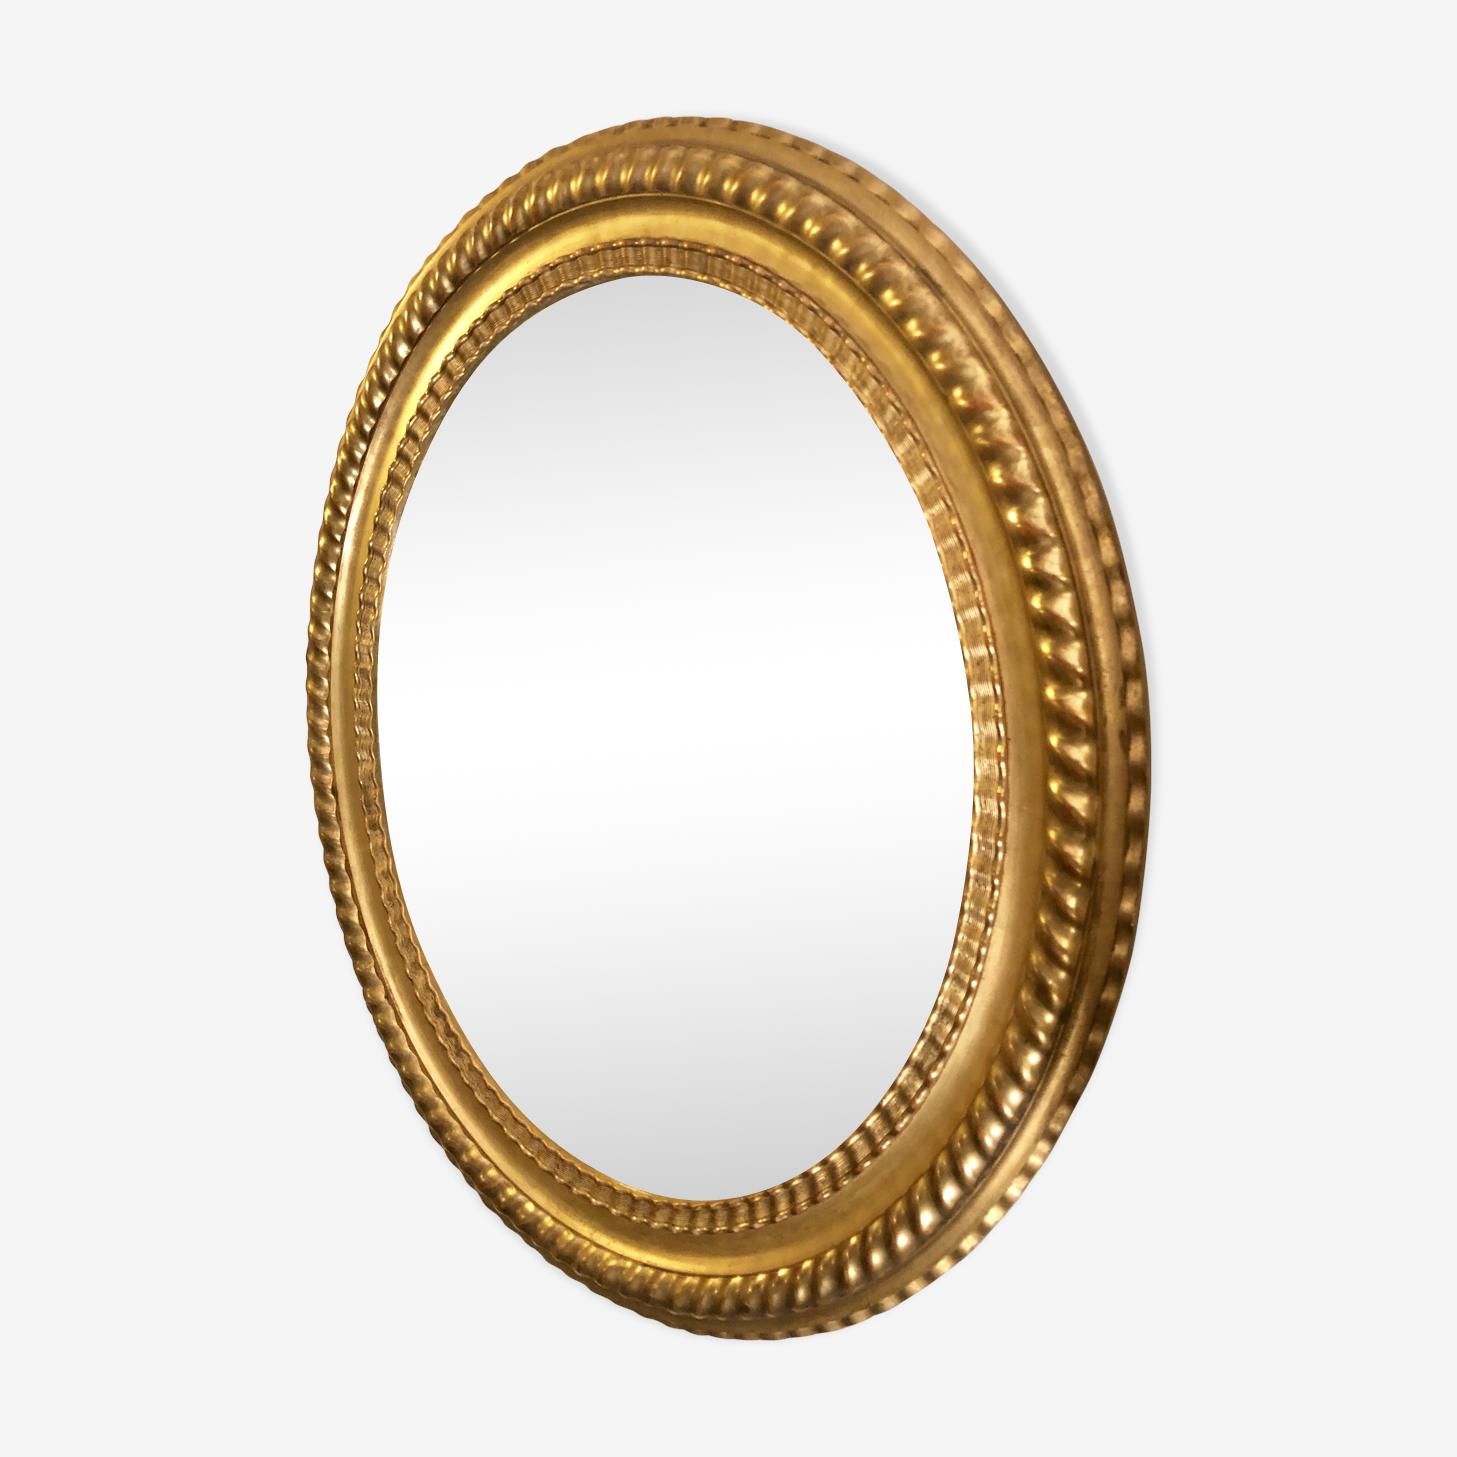 Miroir oval 82X72cm dorure feuille d or epoque XIX éme